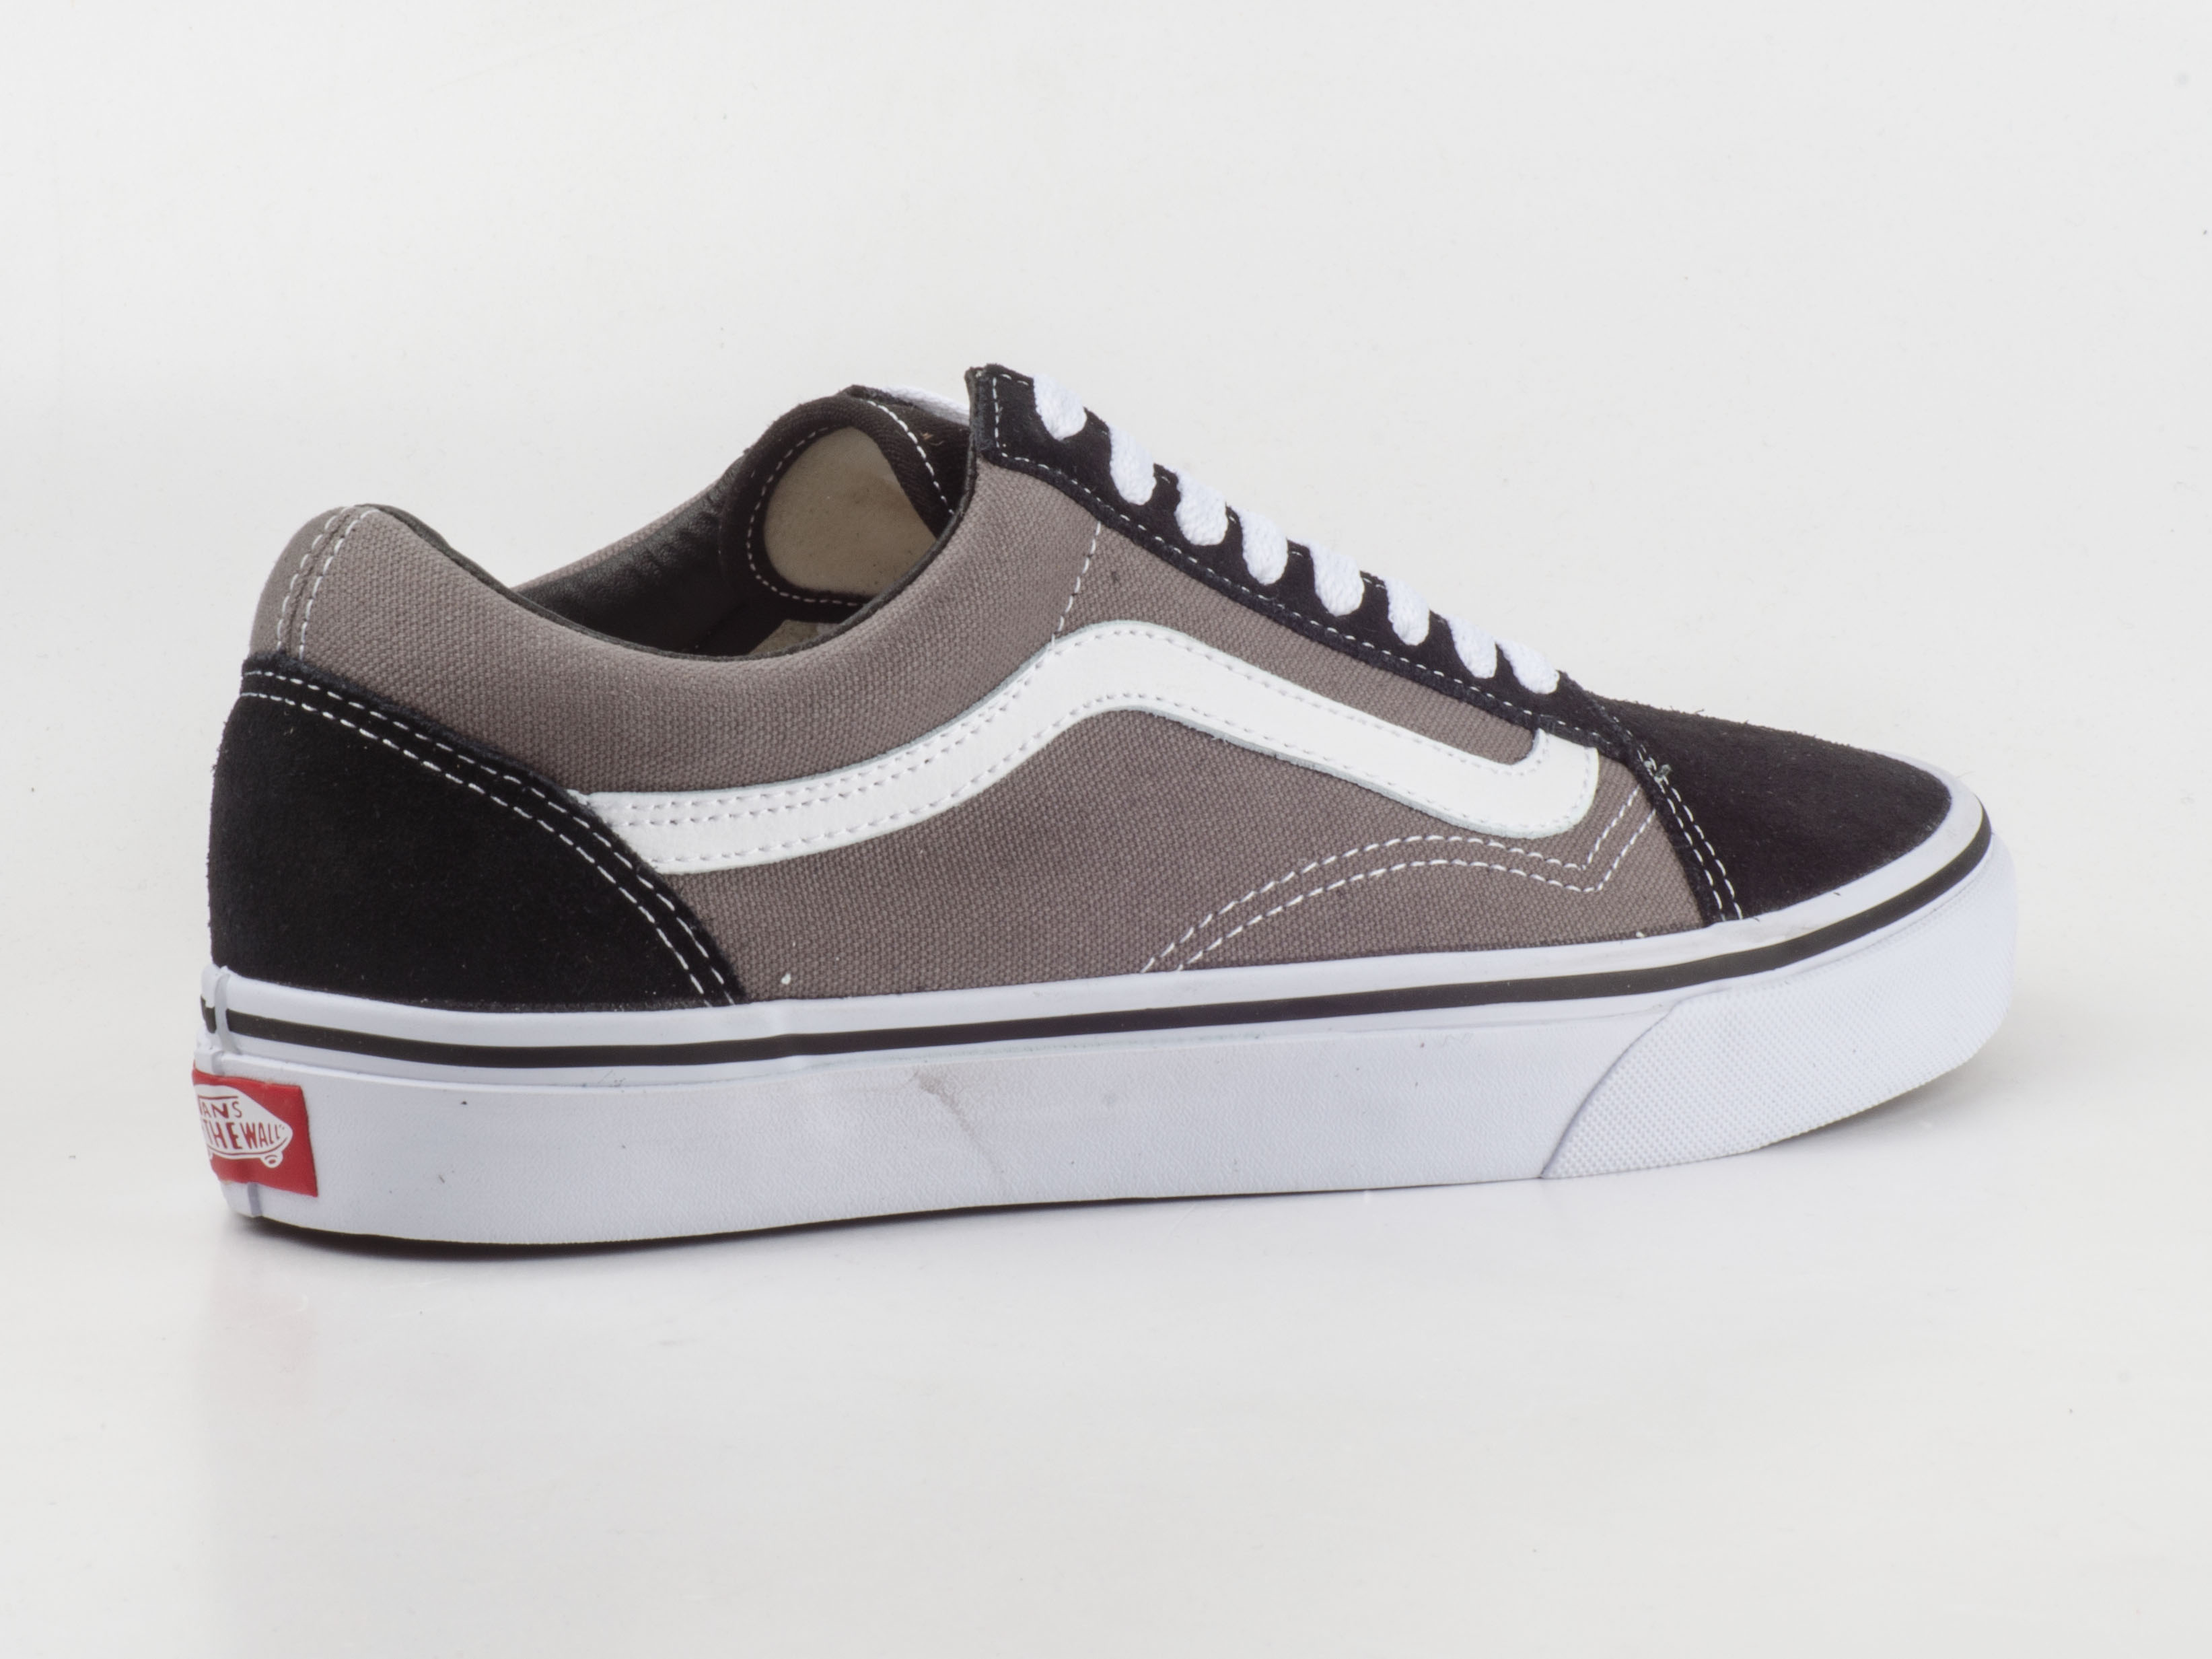 vans schuhe sneaker old skool vkw6hr0 skater schwarz grau wei canvas leder. Black Bedroom Furniture Sets. Home Design Ideas